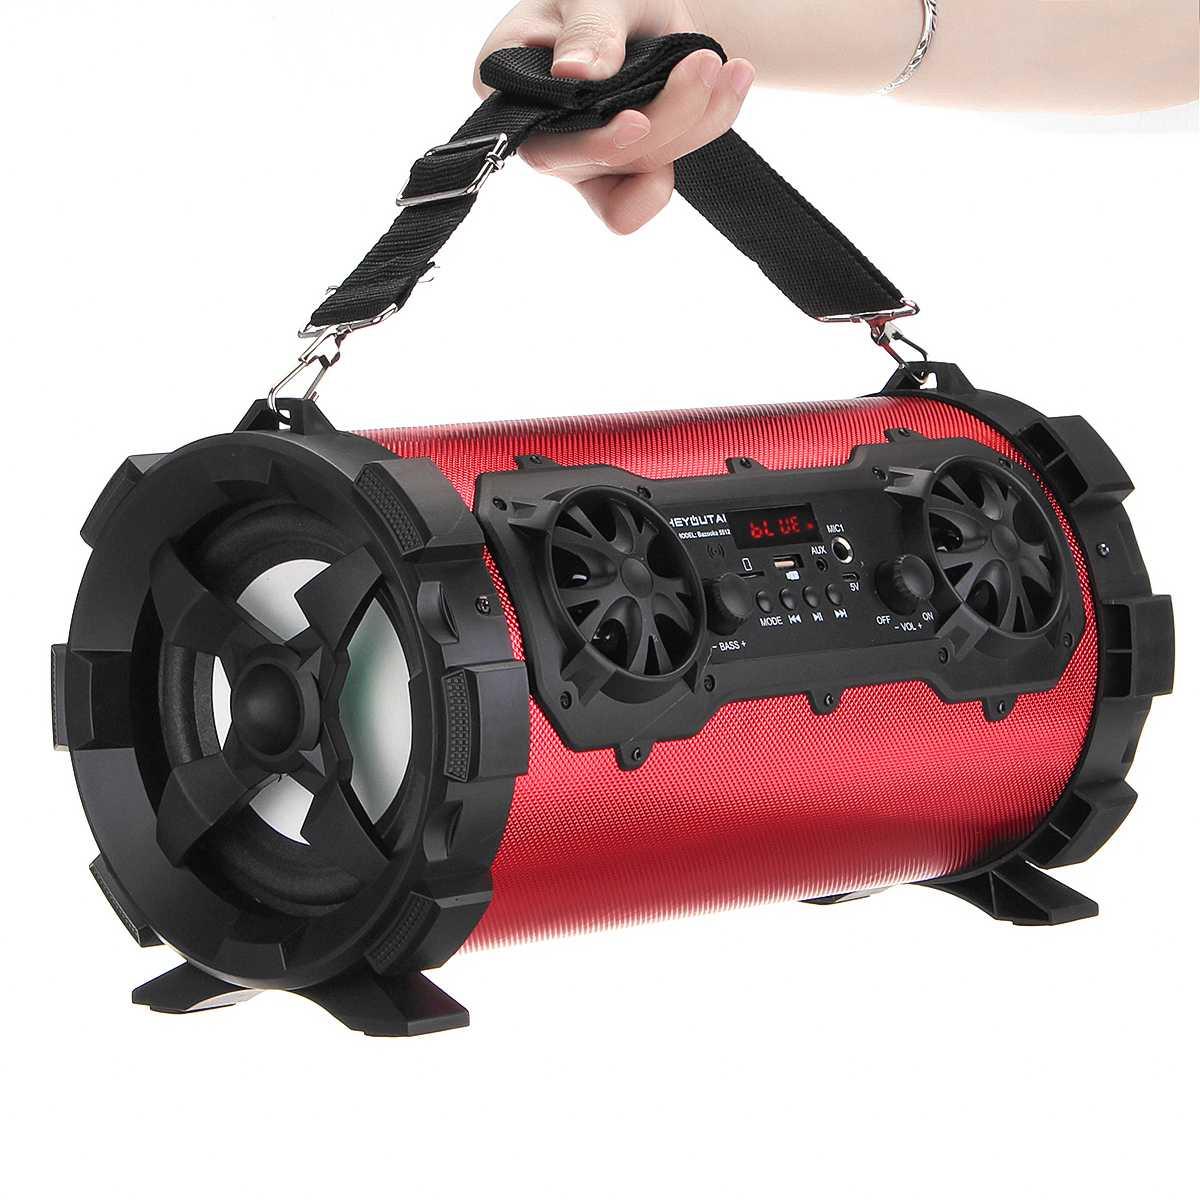 15 W haut-parleur bluetooth sans fil stéréo basse HIFI haut-parleur Subwoofer AUX USB TF carte FM Radio Portable lecteur de musique en plein air